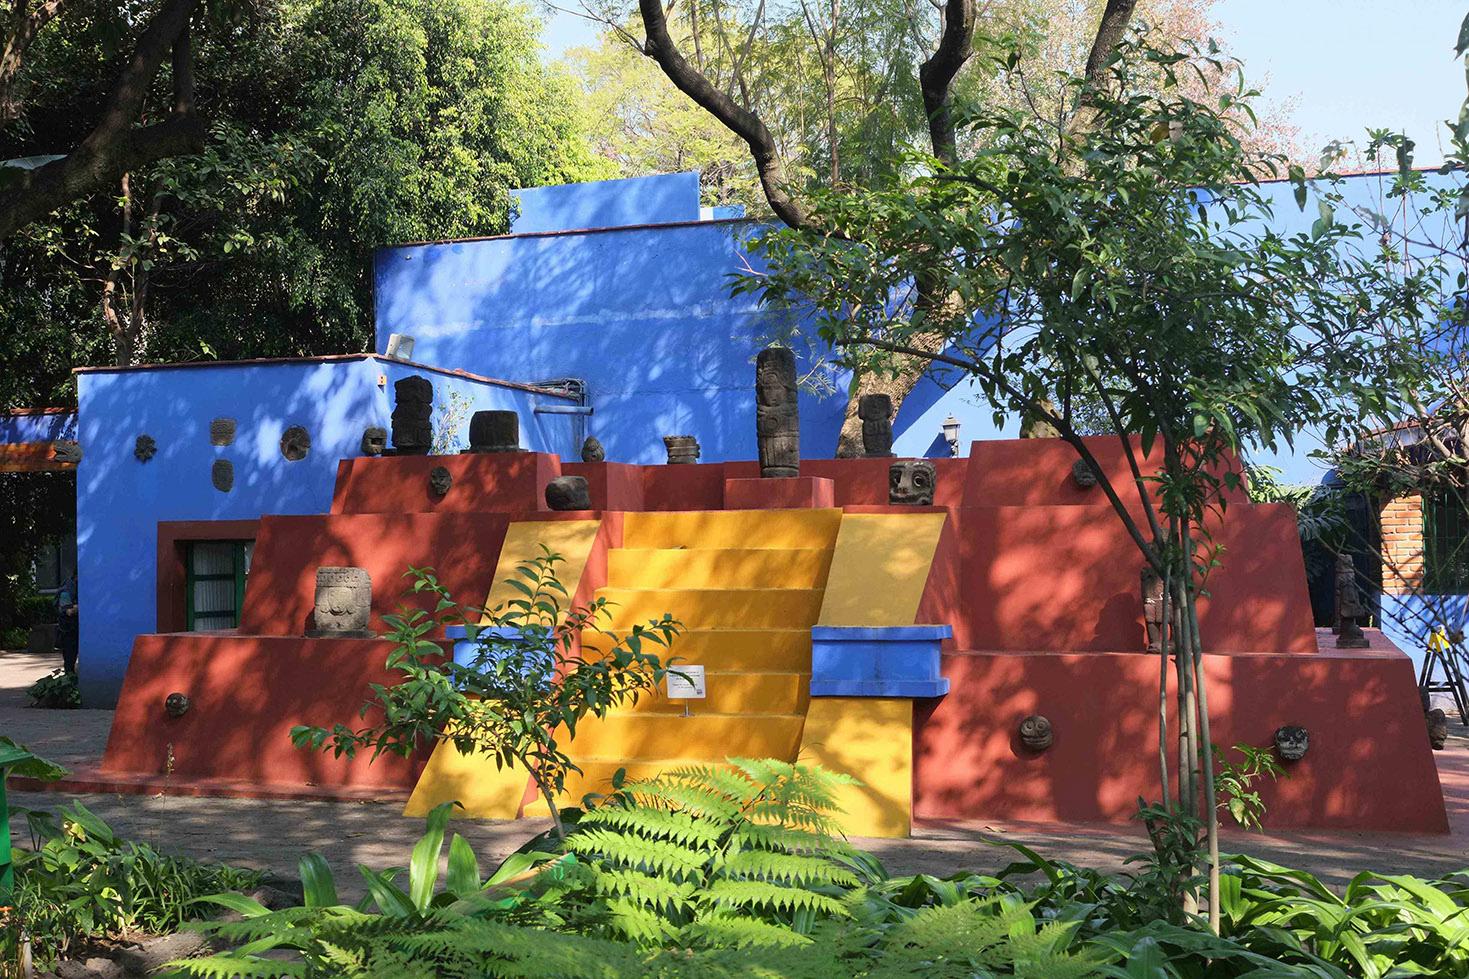 La_Casa_Azul_9_fot.anna_stec